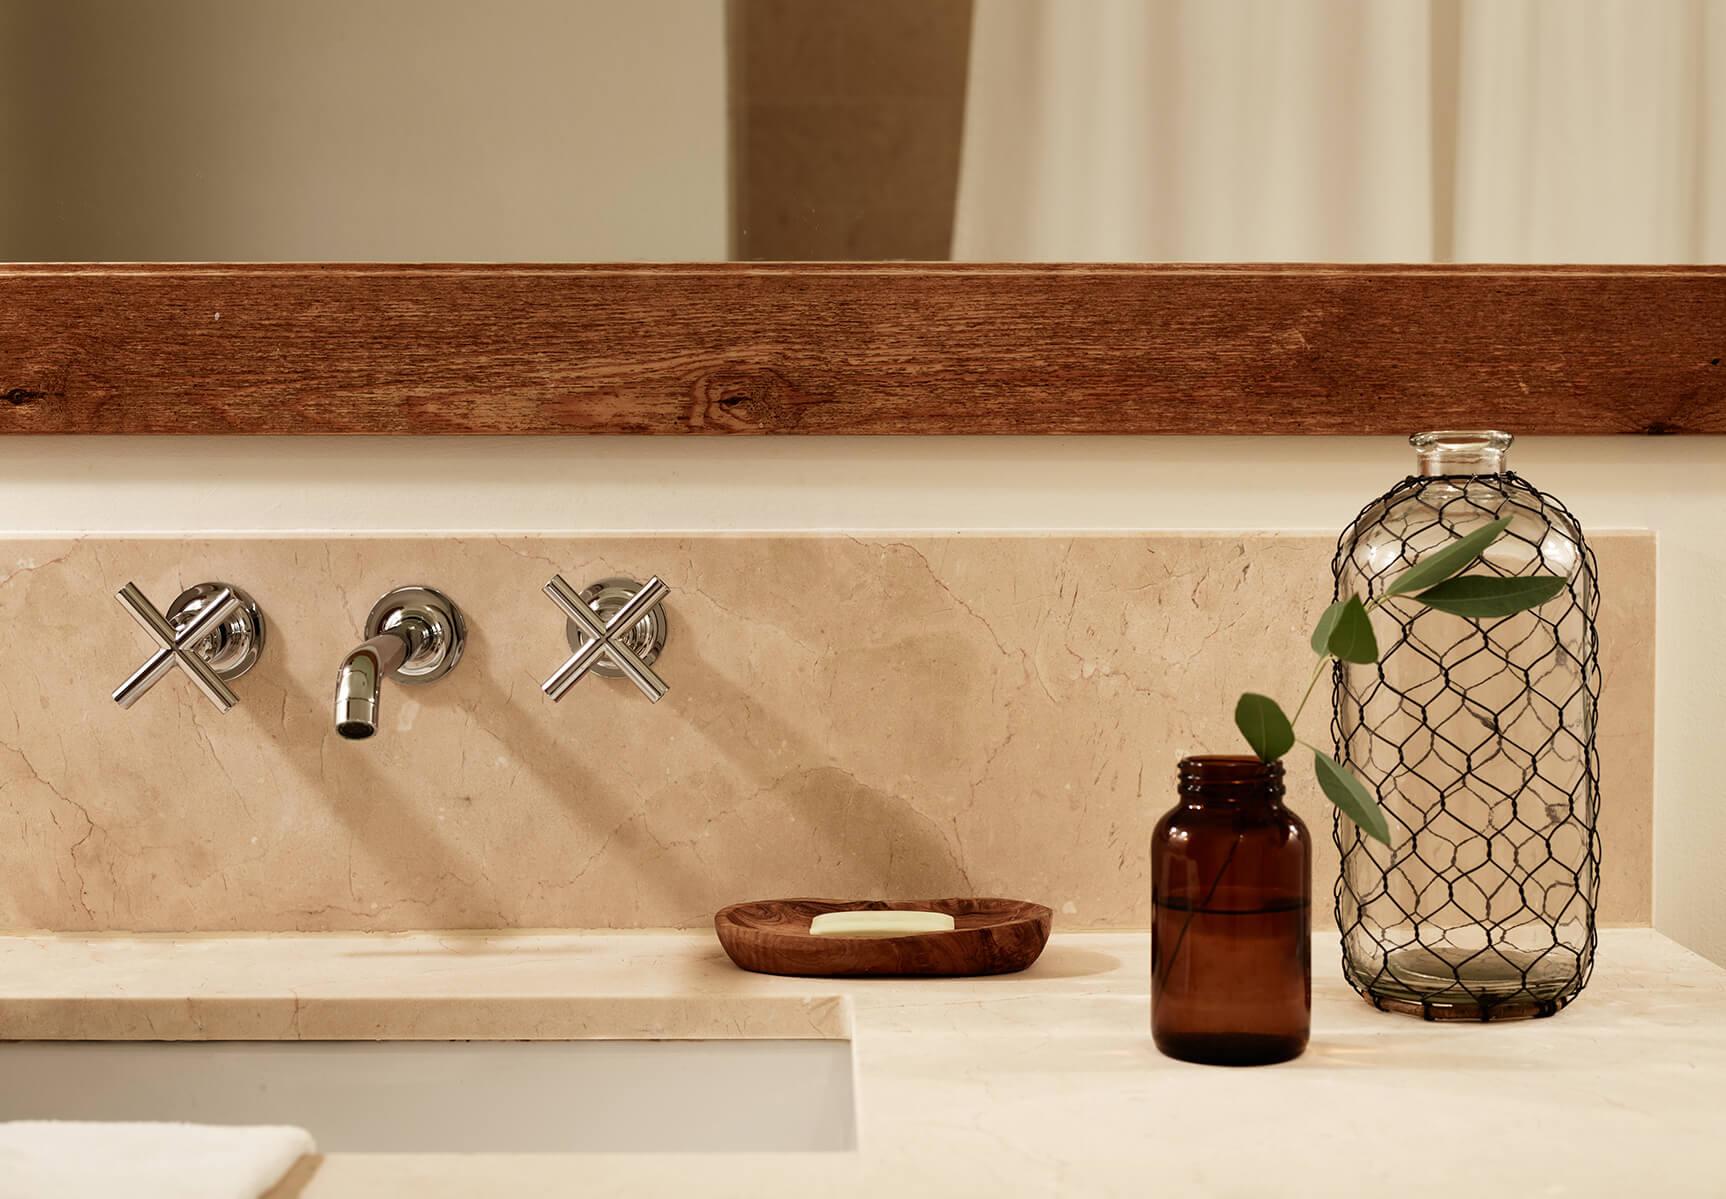 MGR_Bathroom-Vanity_crop_booking.jpg